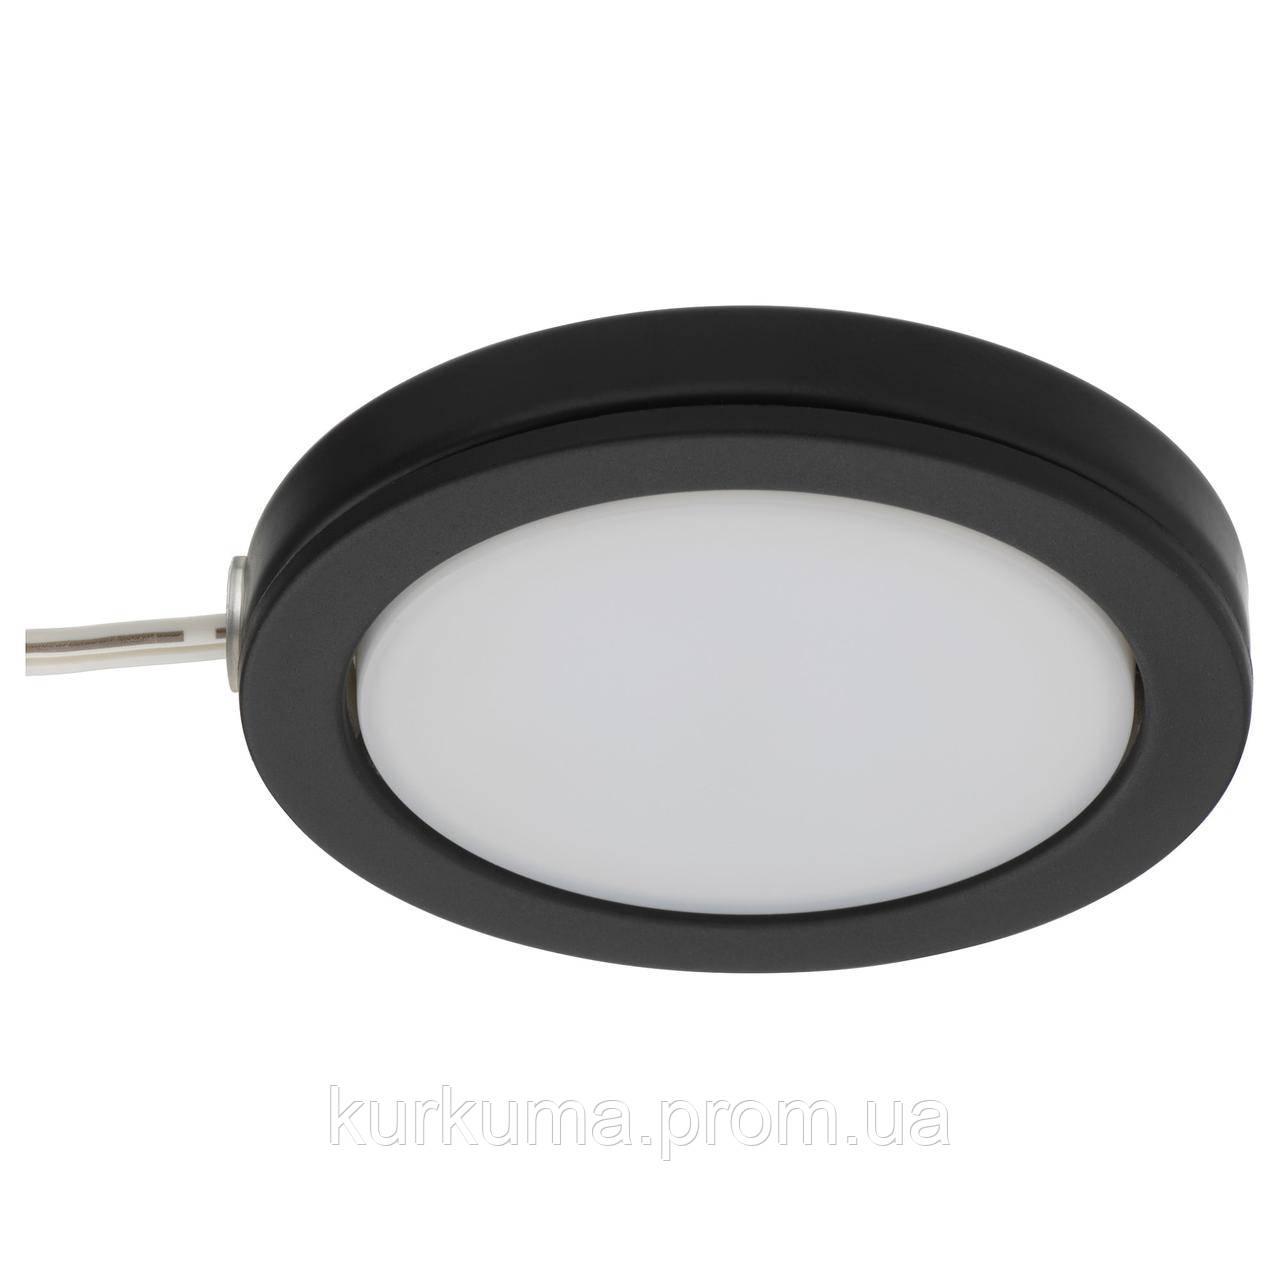 IKEA OMLOPP Светодиодная подсветка, черный  (202.771.82)